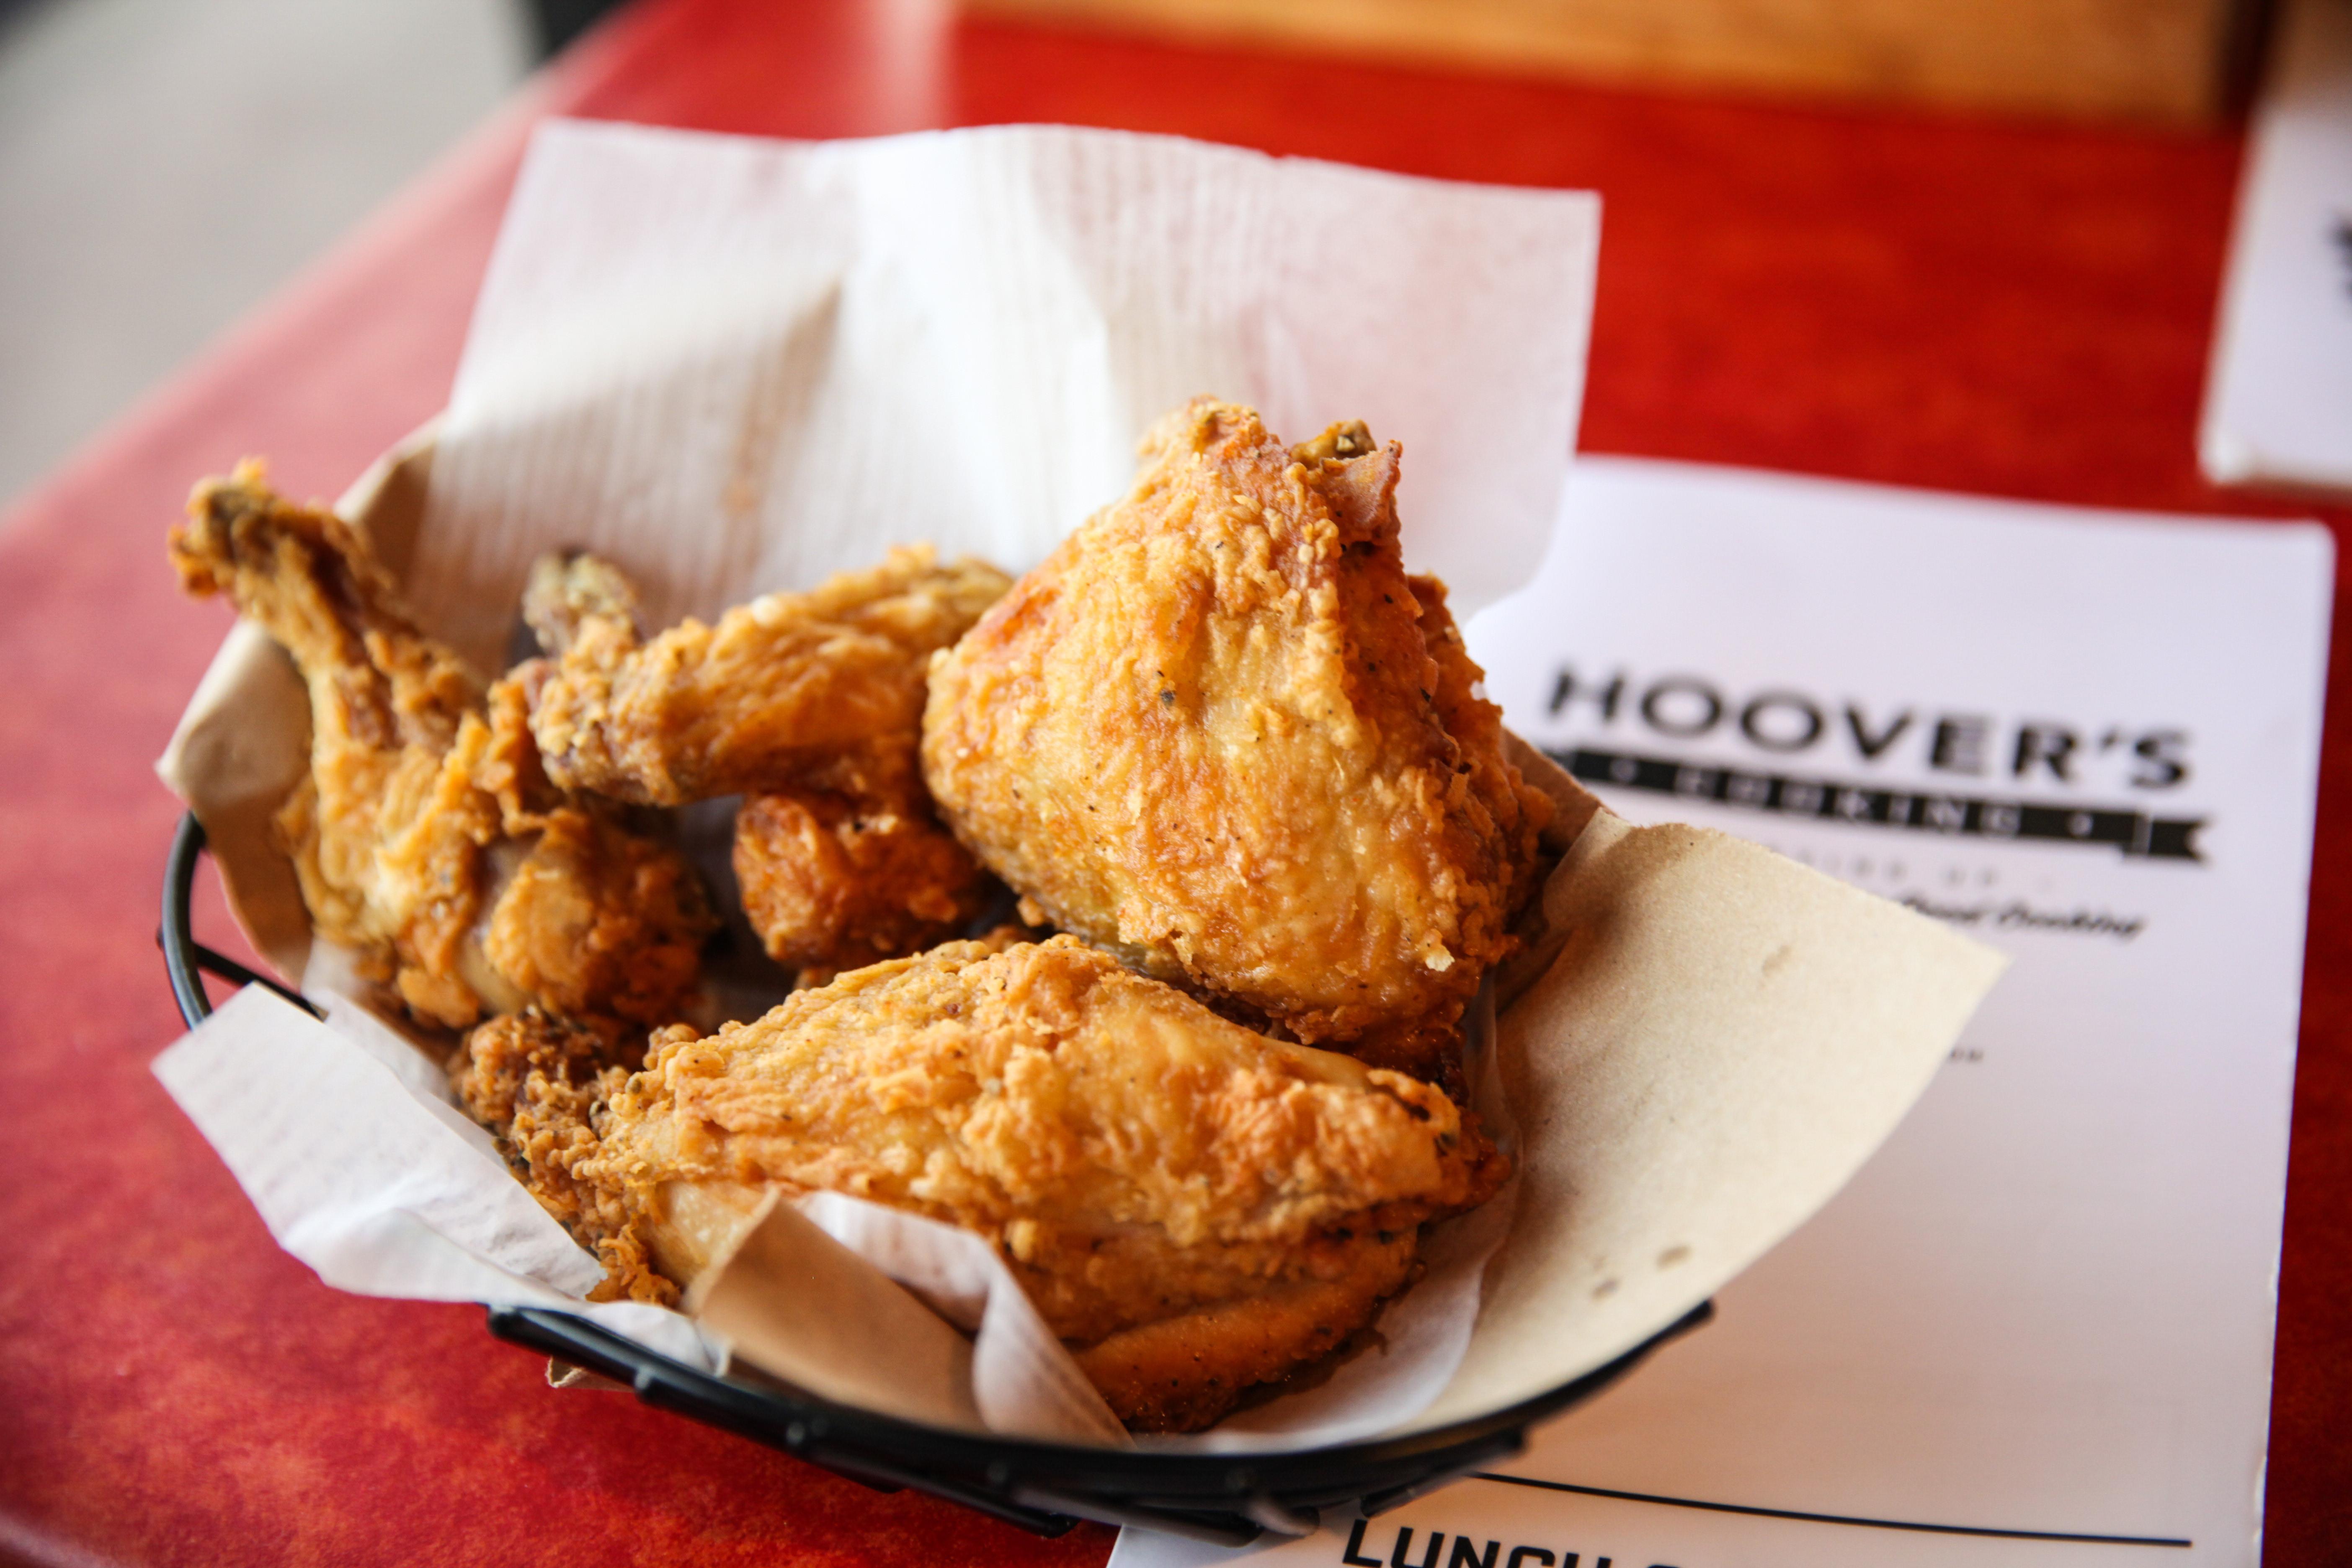 Fried Chicken Austin  Hoover s Fried Chicken